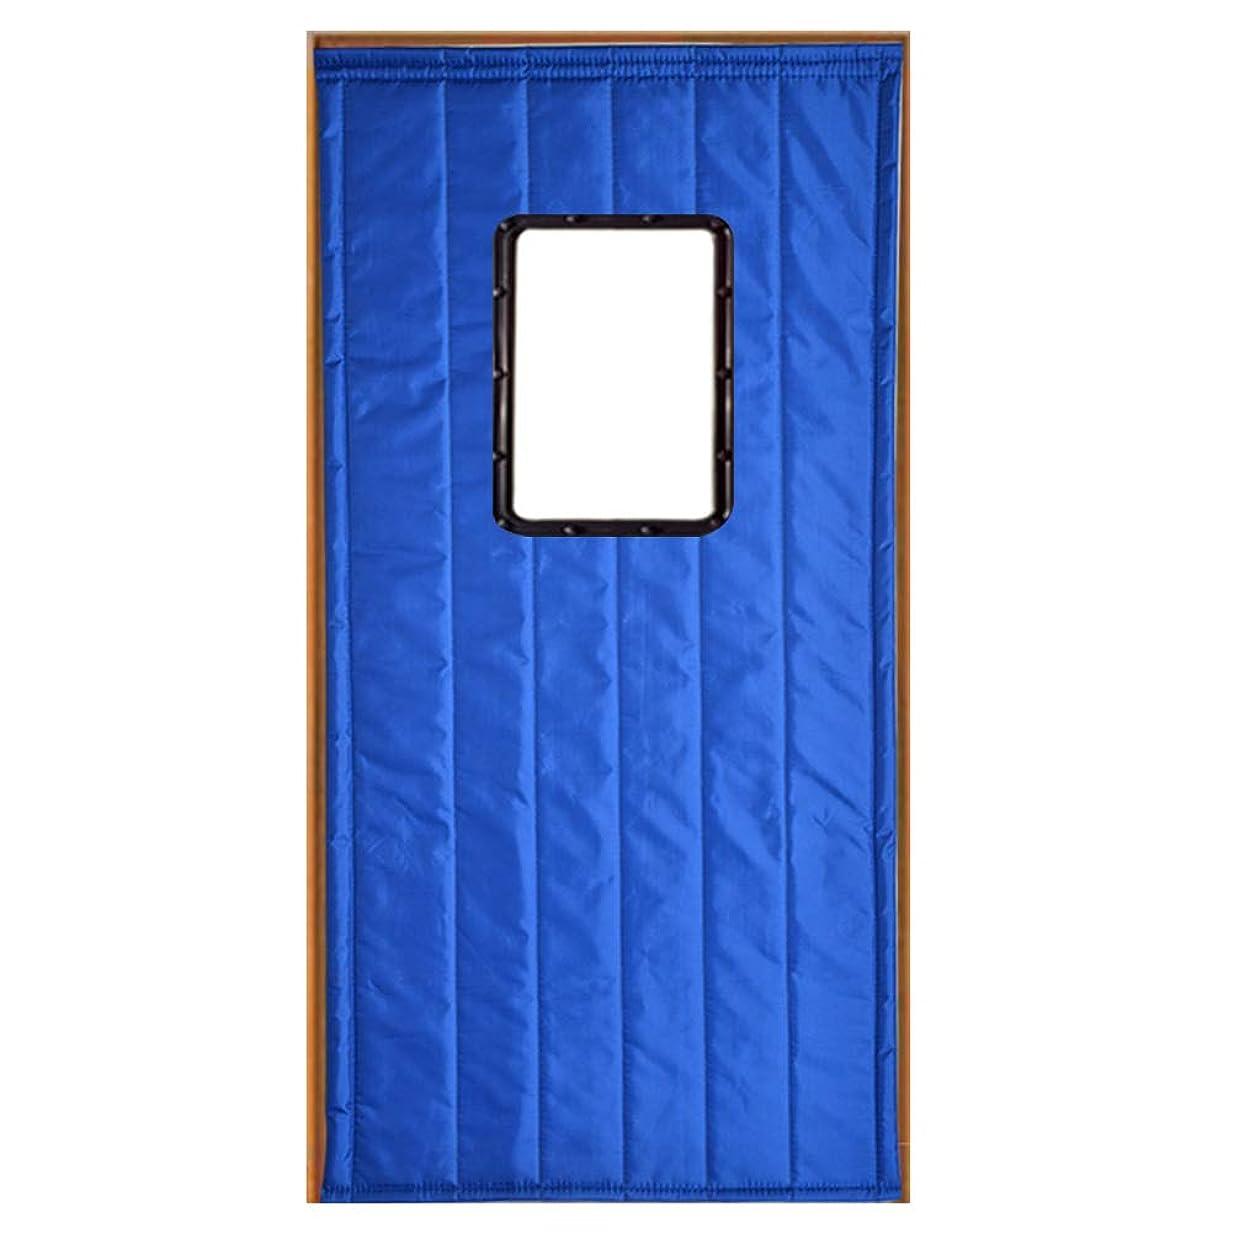 印象的な致命的予定WUFENG ドアカーテン 厚い 防水 防塵の 耐寒性 絶縁、 3色 複数のサイズ カスタマイズ可能な (色 : A, サイズ さいず : 80x180cm)